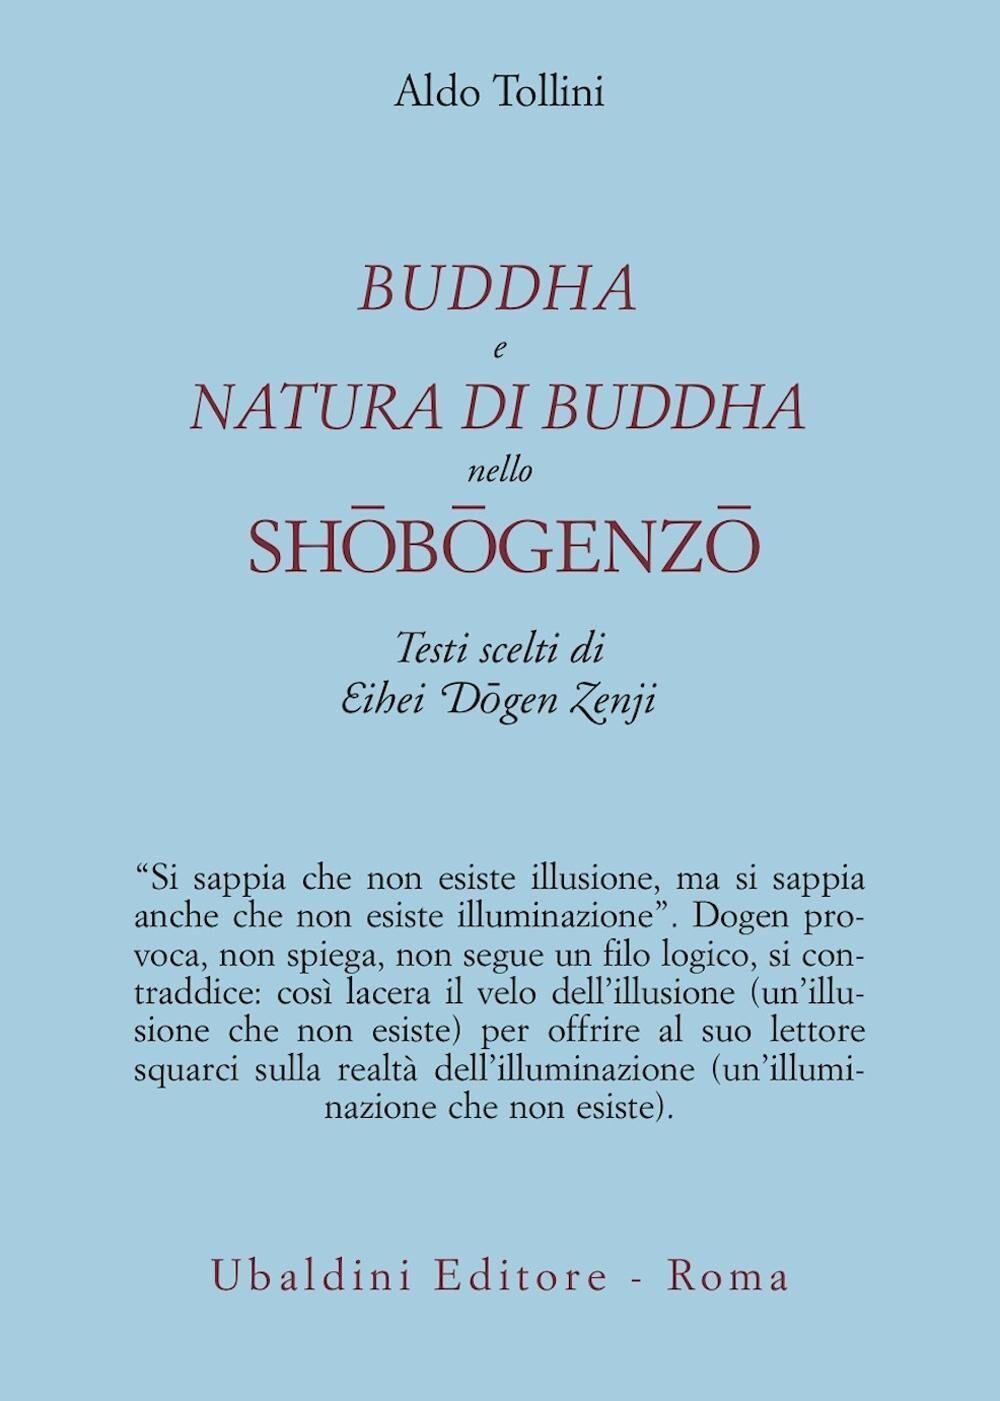 Buddha e natura di Buddha nello Shobogenzo. Testi scelti di Eihei Dogen Zenji